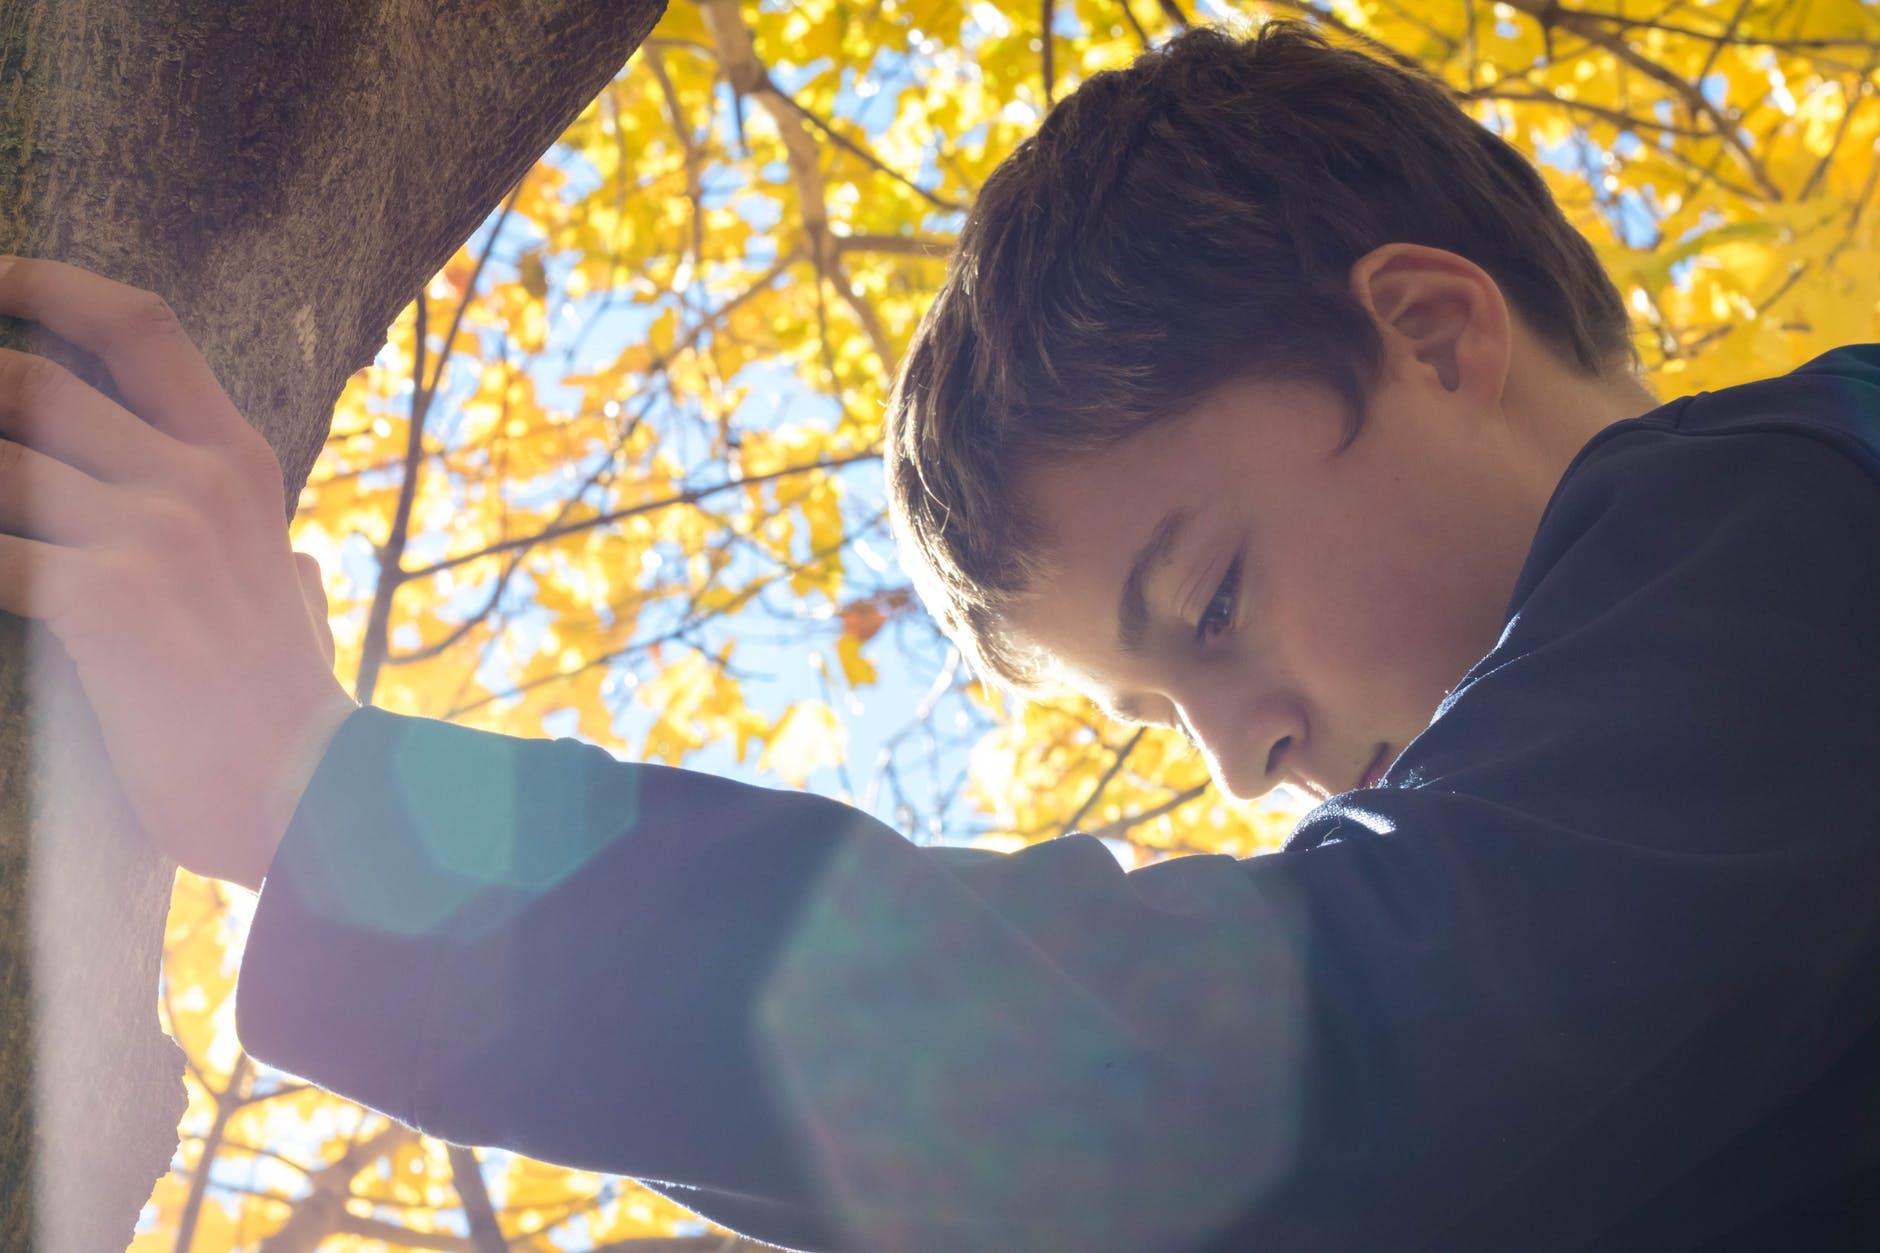 More autumn leaves and a boy contemplates cinquains